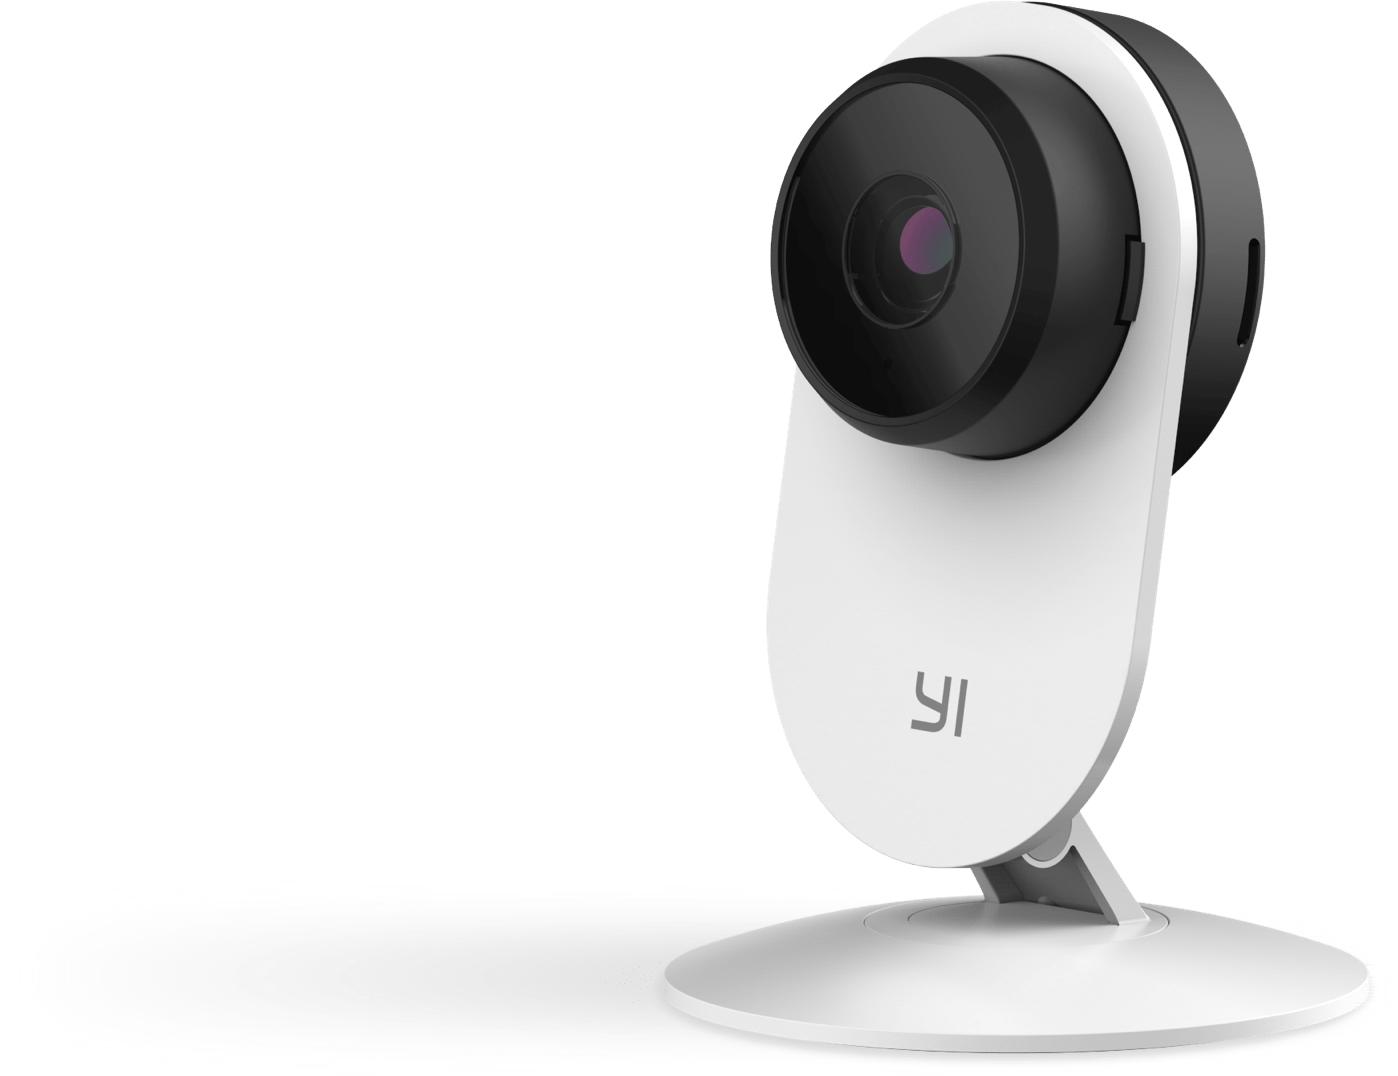 Yi home camera 3 (y25)